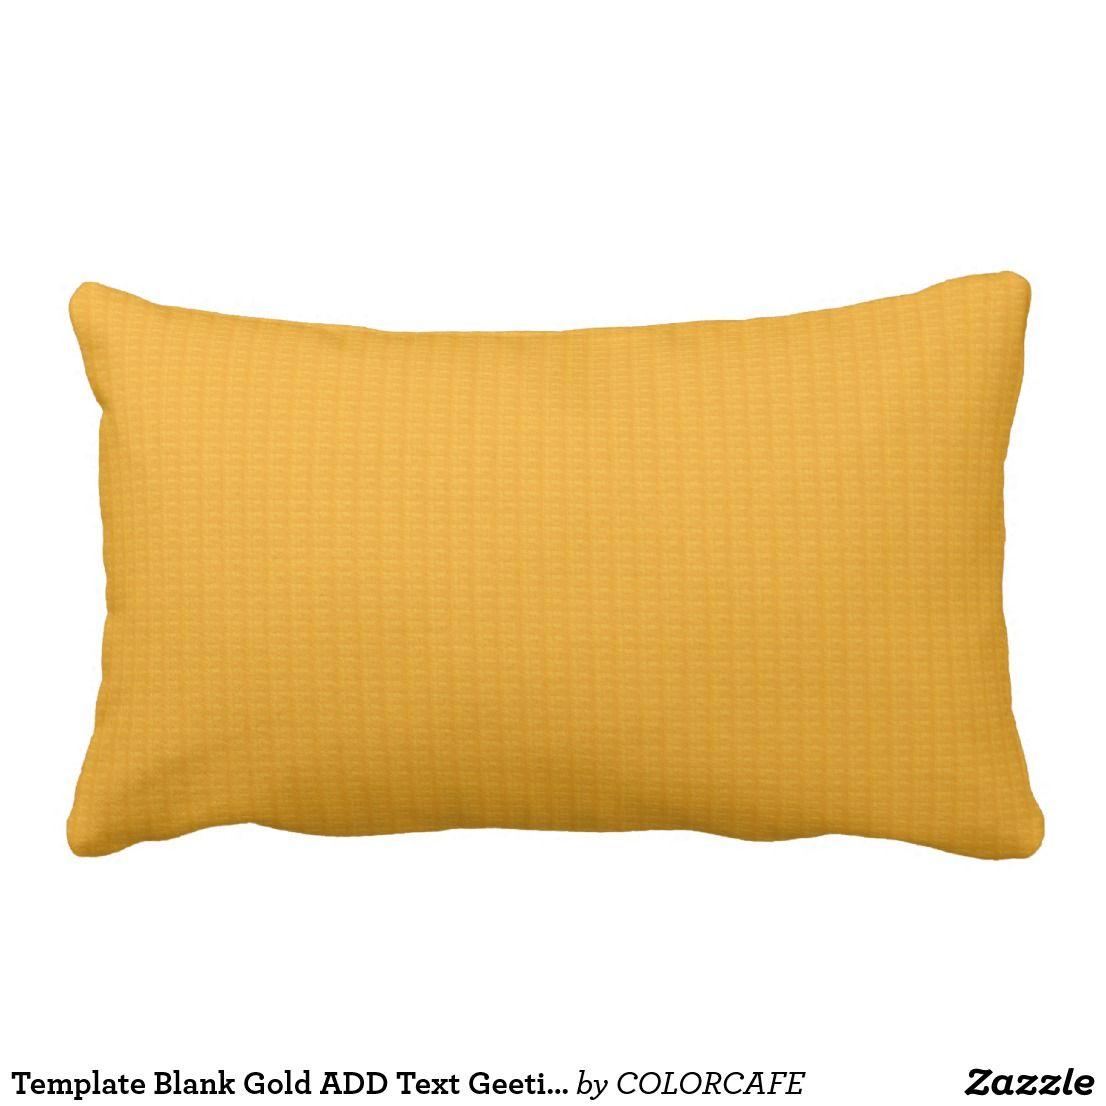 template blank gold add text geeting photo jpg 99 lumbar pillow